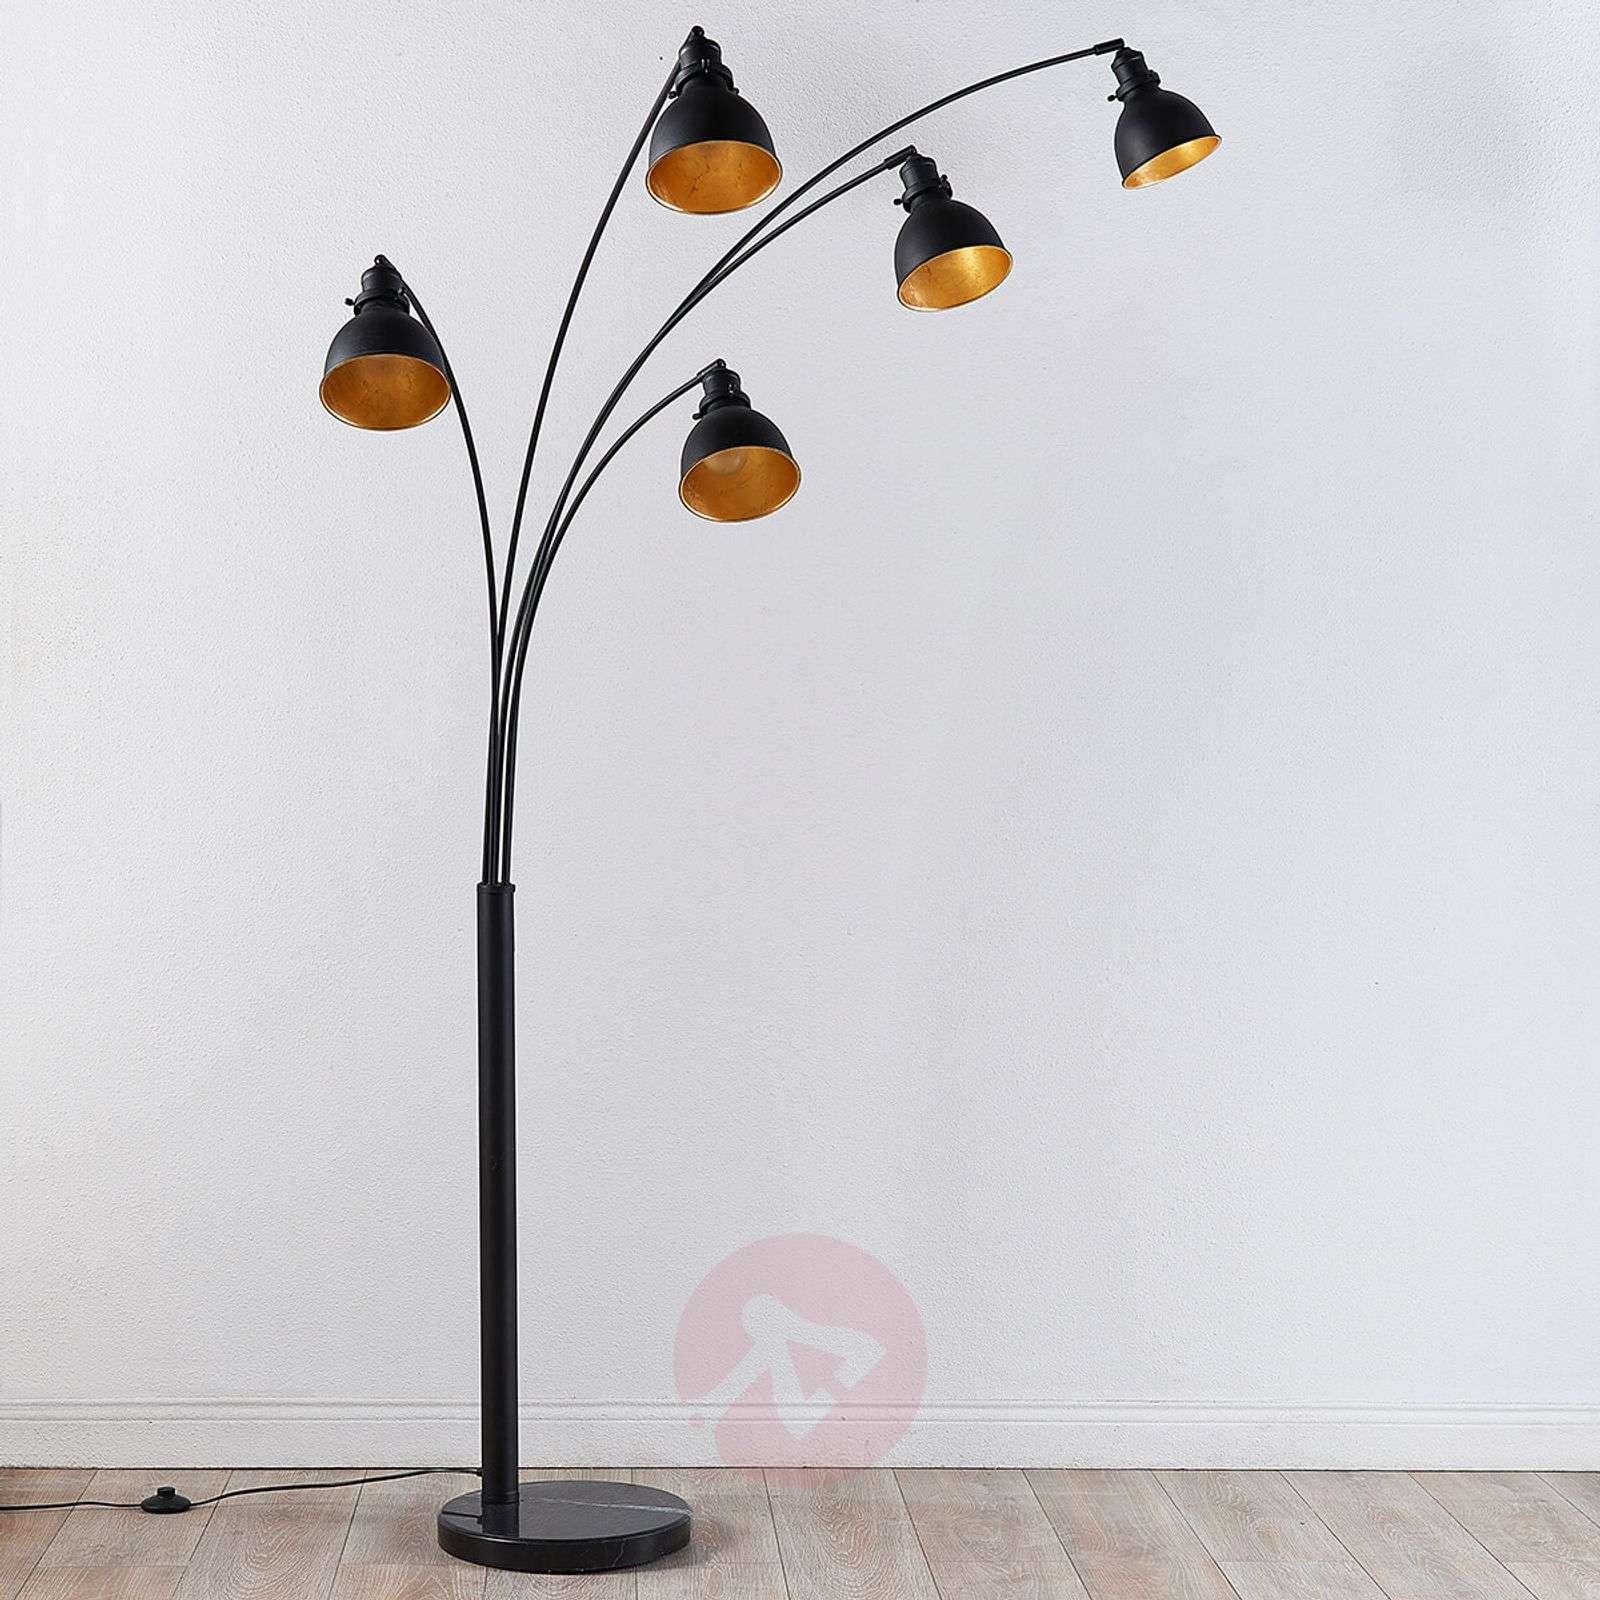 5-lamppuinen Lira-lattiavalaisin, musta ja kulta-9621140-02